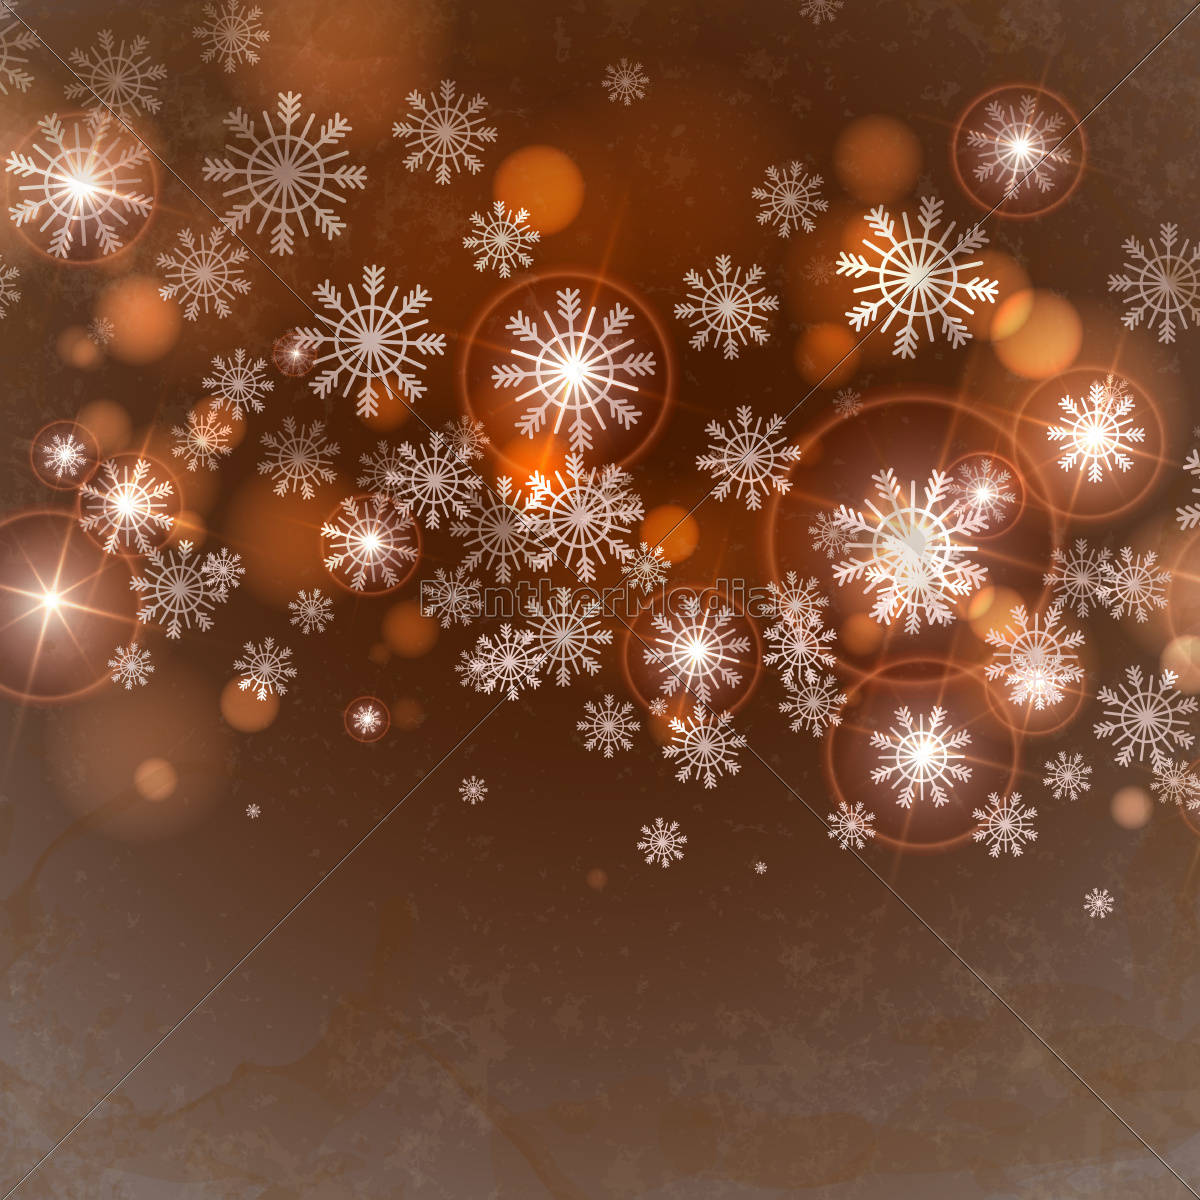 brun, baggrund, med, snefnug. - 10169607